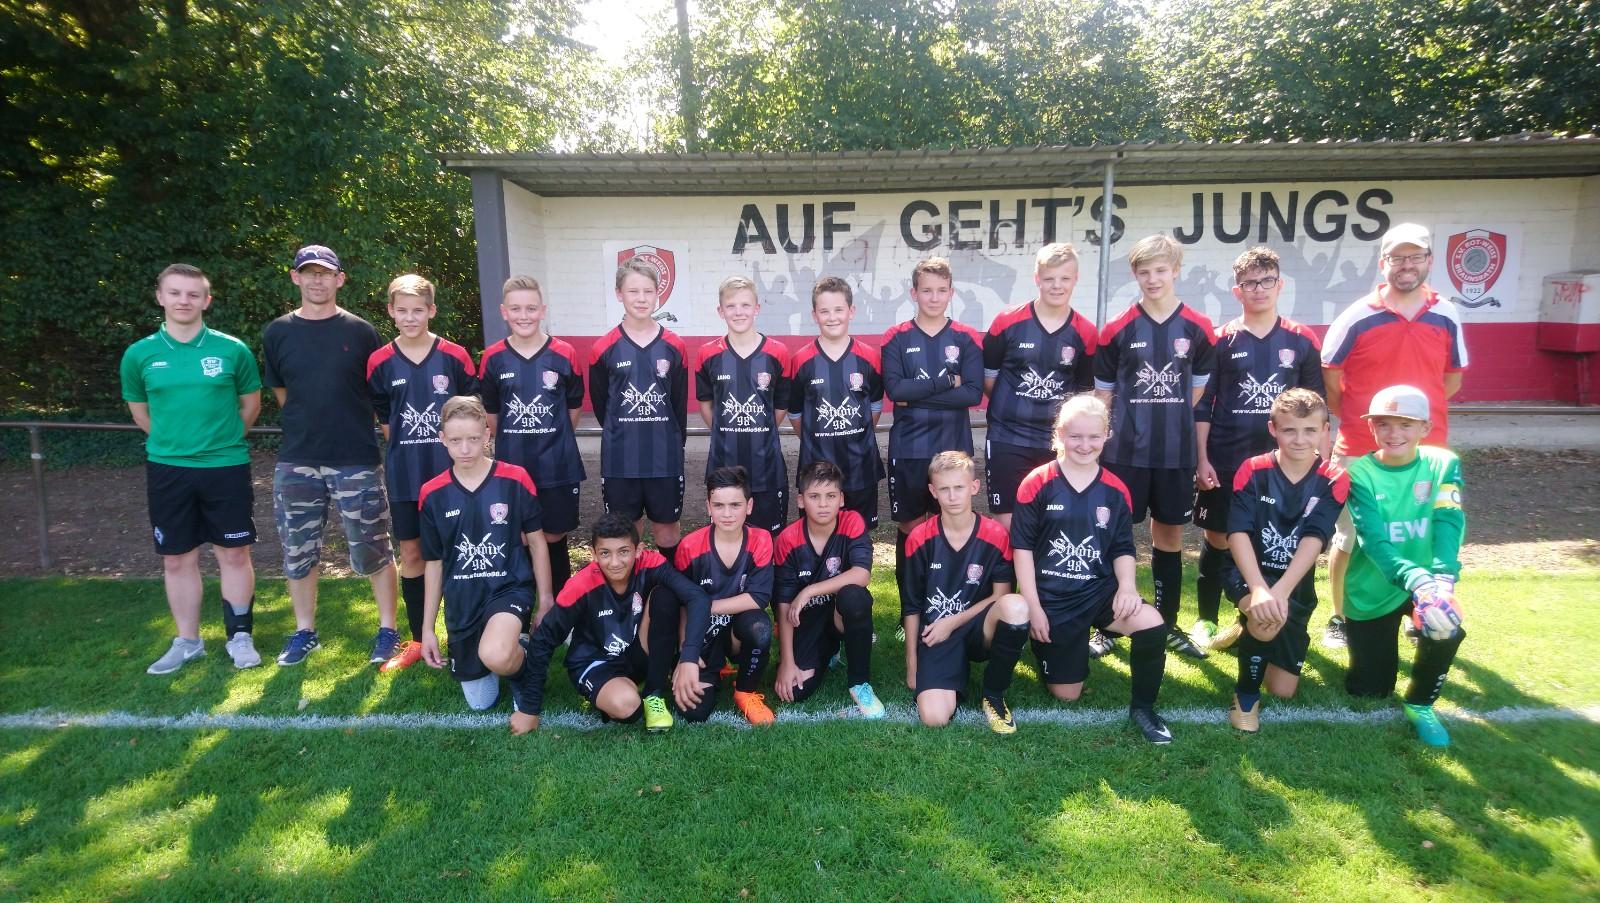 B-Jugend SG Waldfeucht-Bocket/Braunsrath